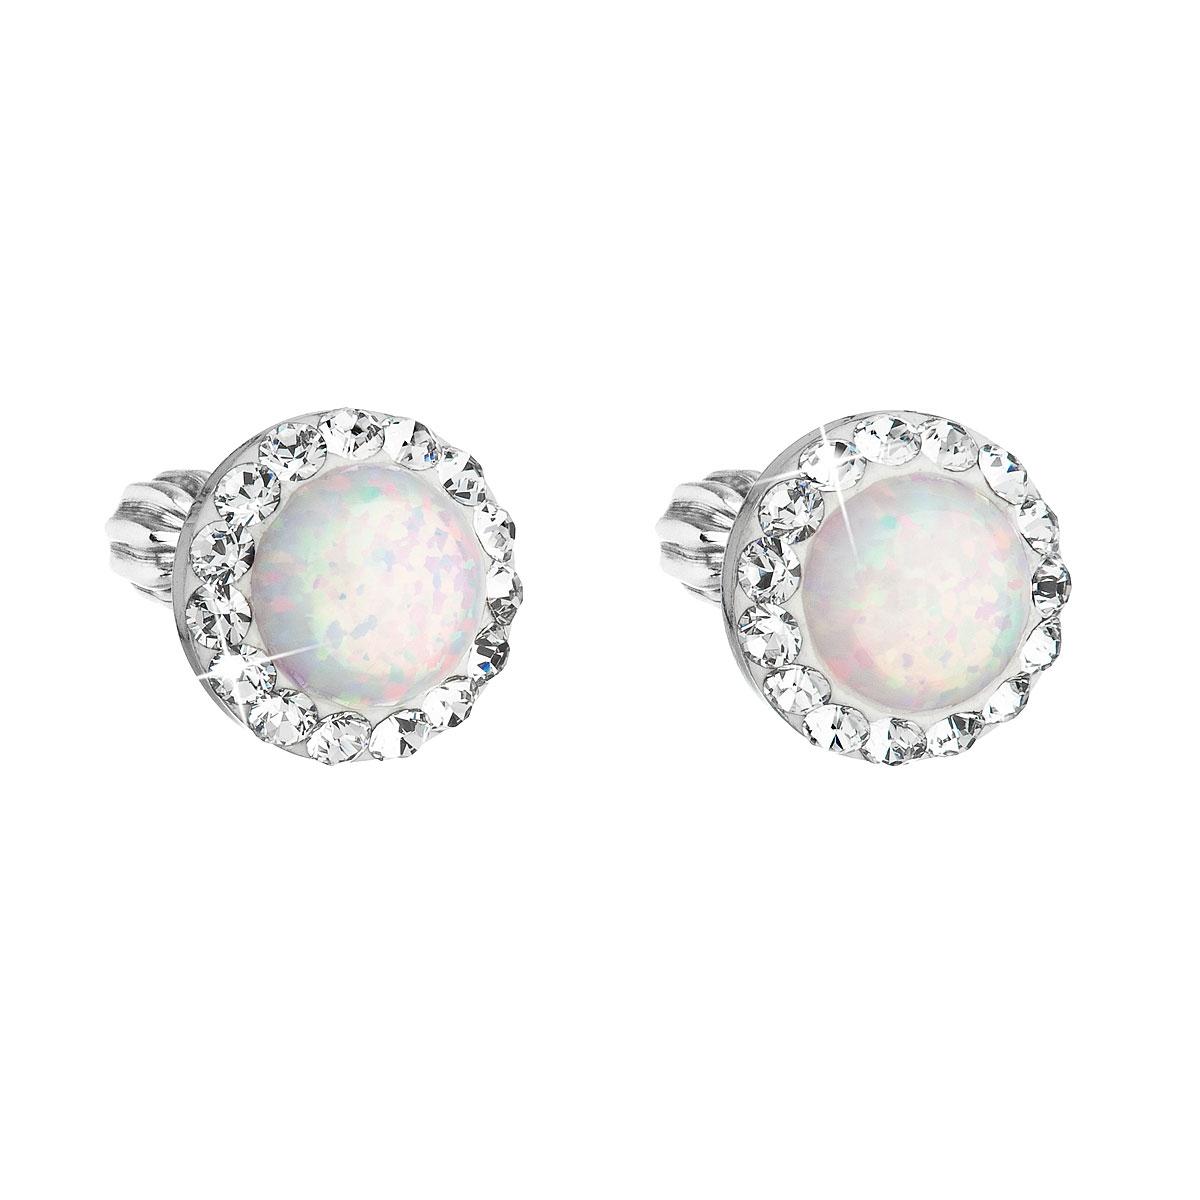 Náušnice s kamienkami Crystals from Swarovski ® a opály, White